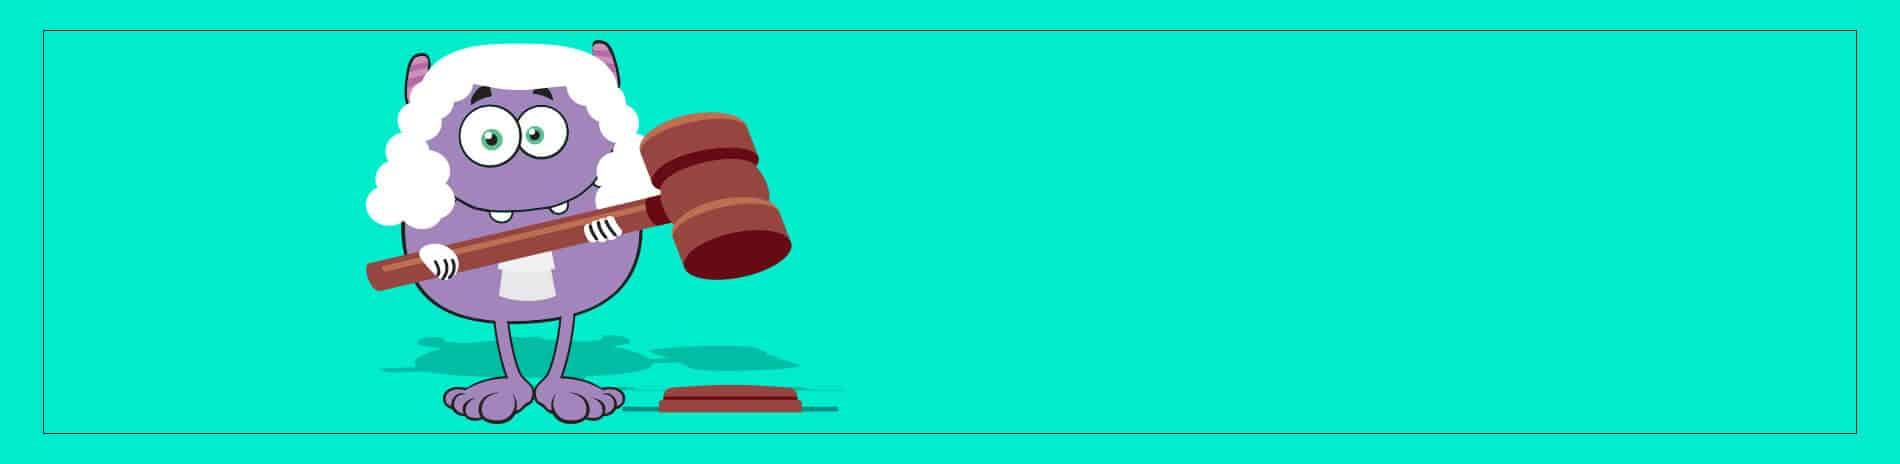 שיווק משרדי עורכי דין - 29 טיפים שיווקיים שכל משרד עורכי דין חייב ליישם 1